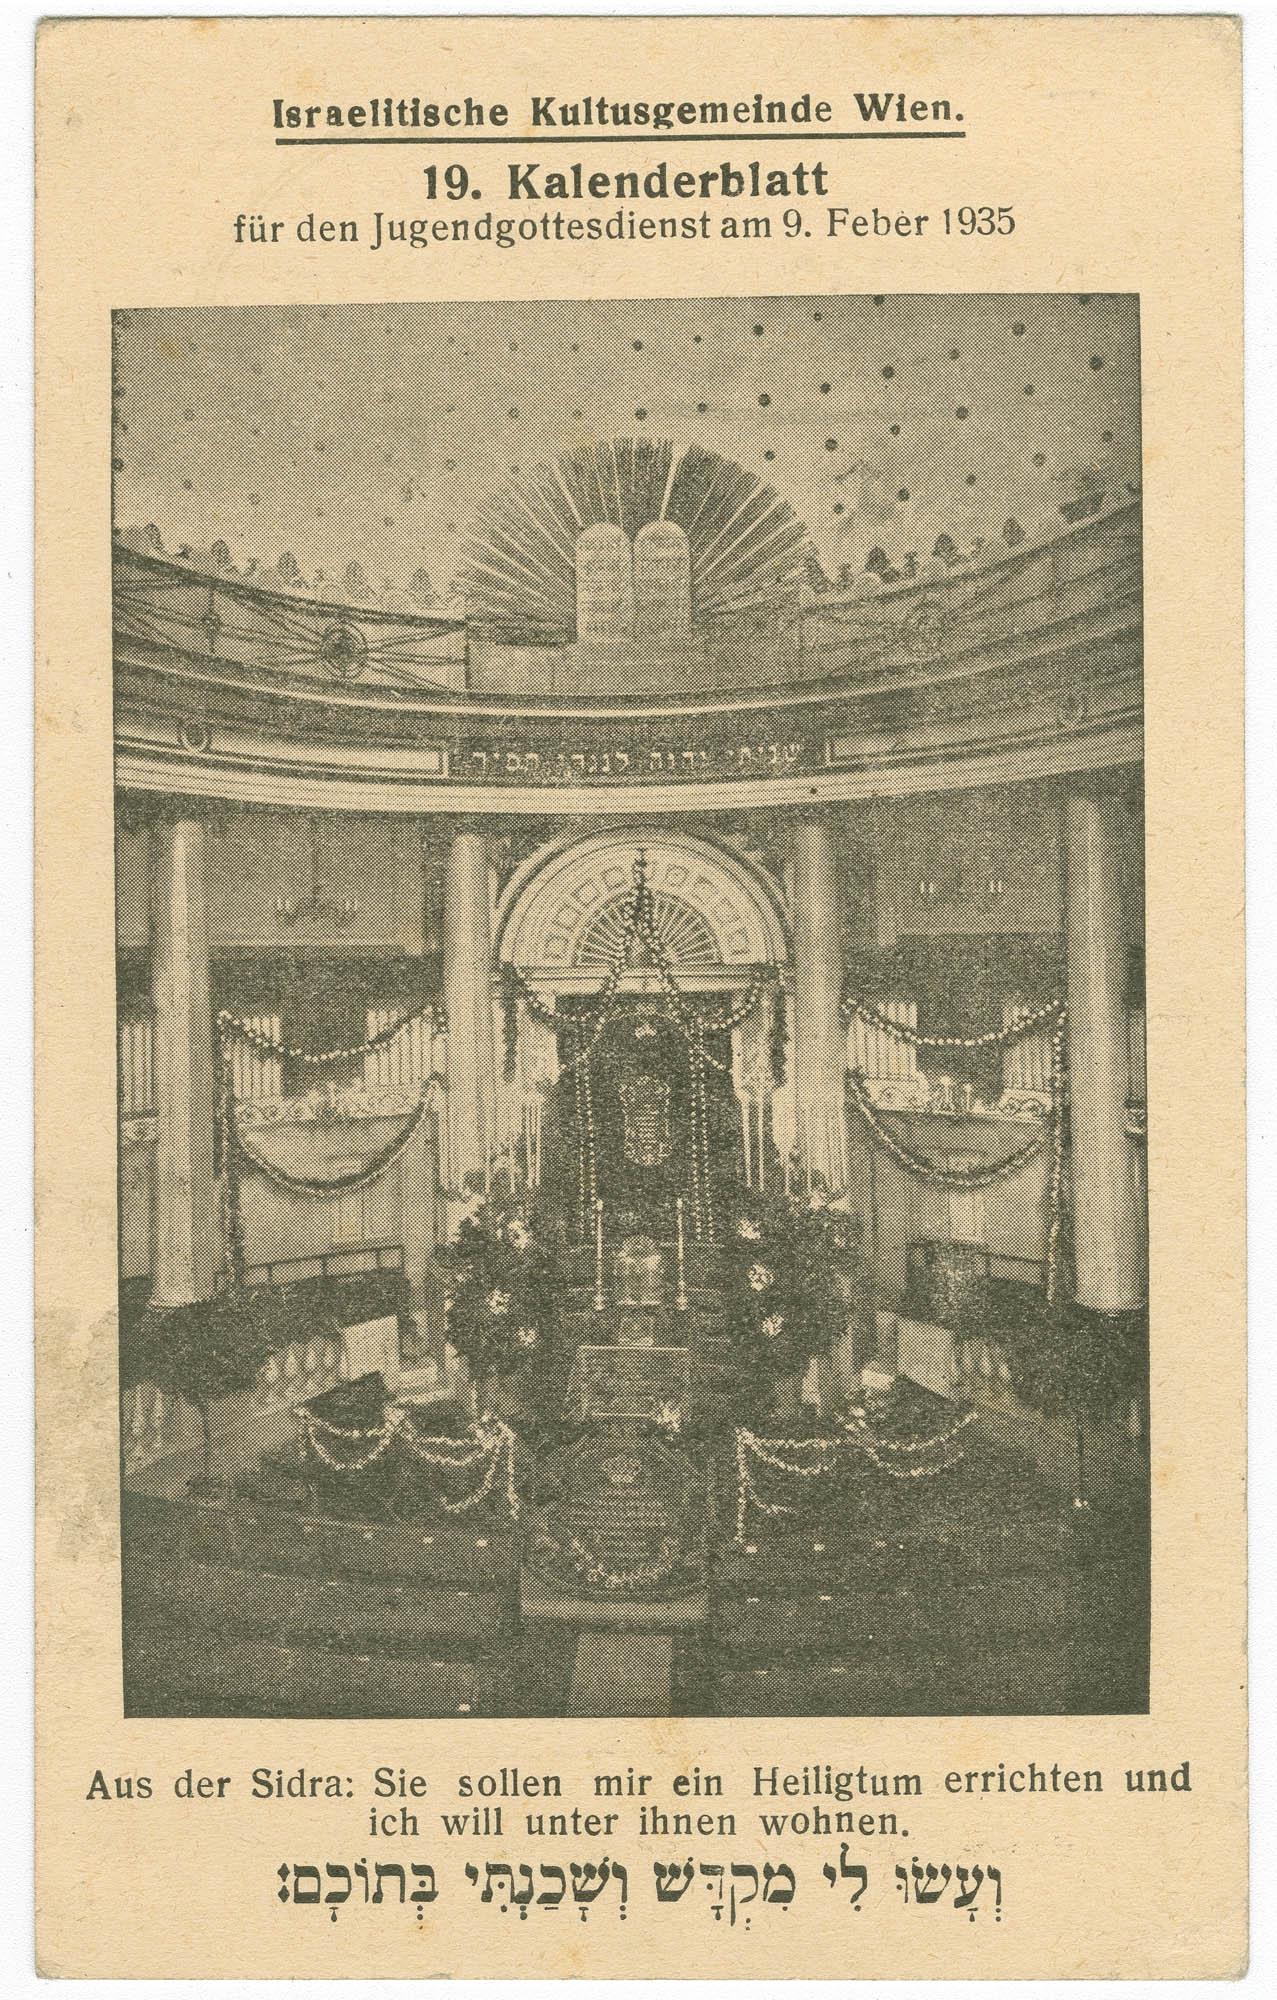 19. Kalenderblatt für den Jugendgottesdienst am 9. Feber 1935